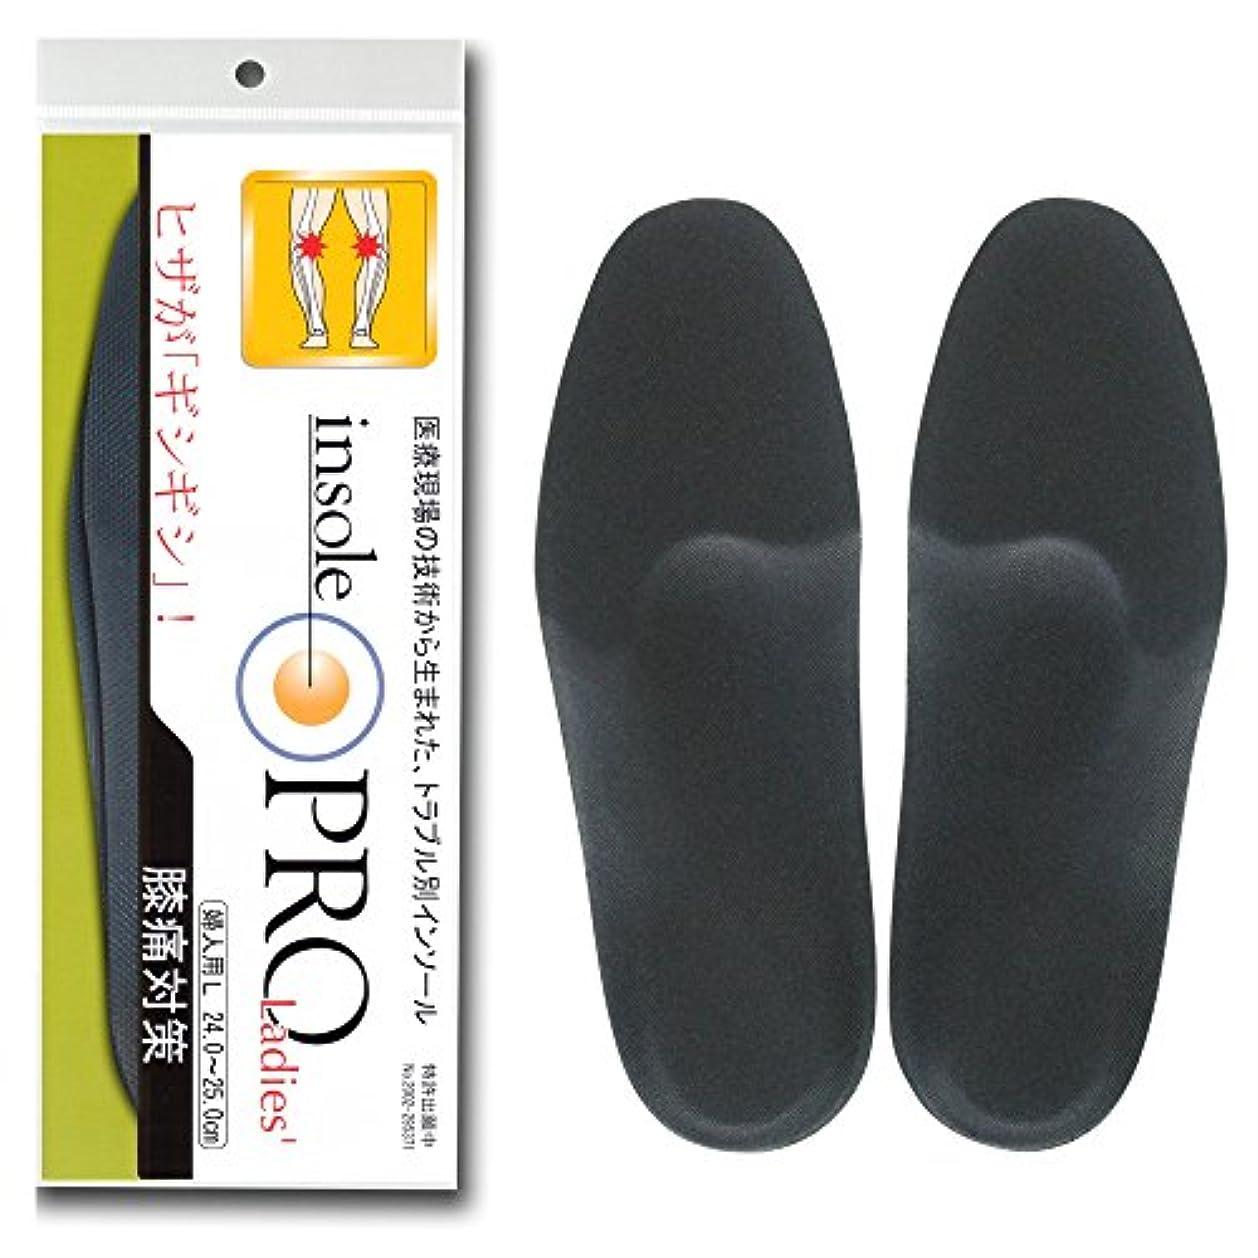 ジャンプする横ためにインソールプロ レディス 膝痛対策 黒 L(24~25cm)